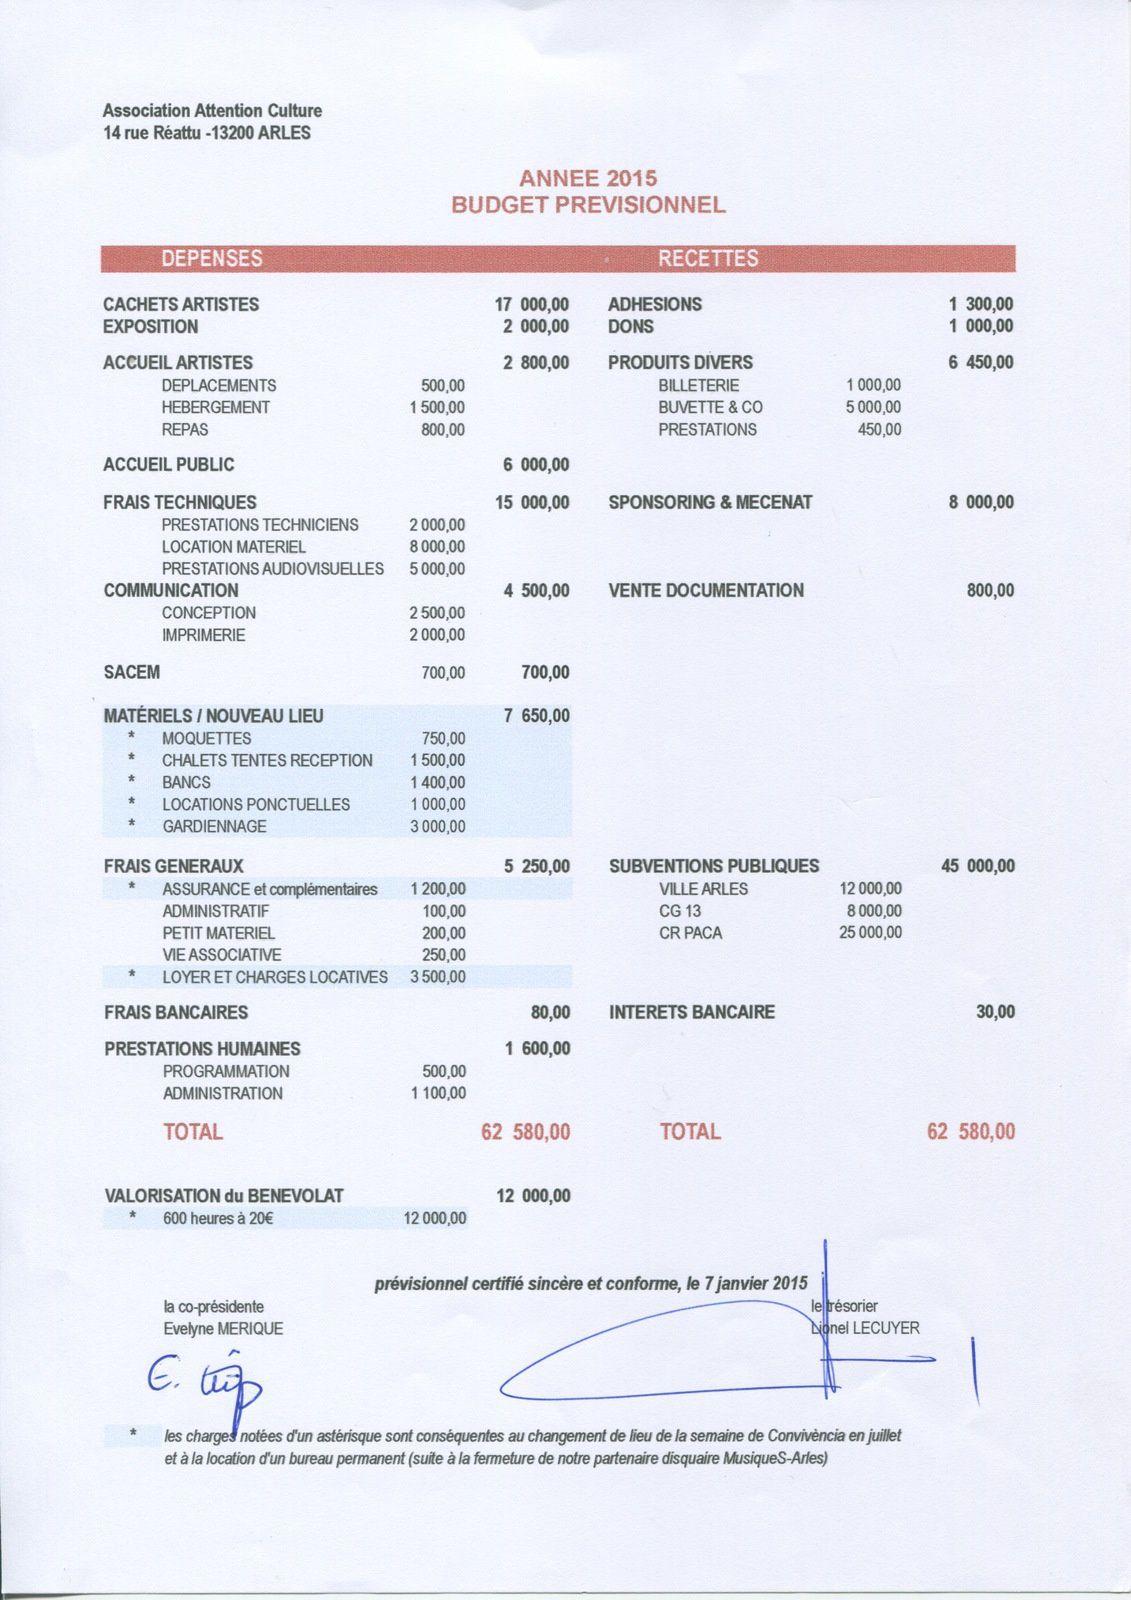 budget prévisionnel 2015